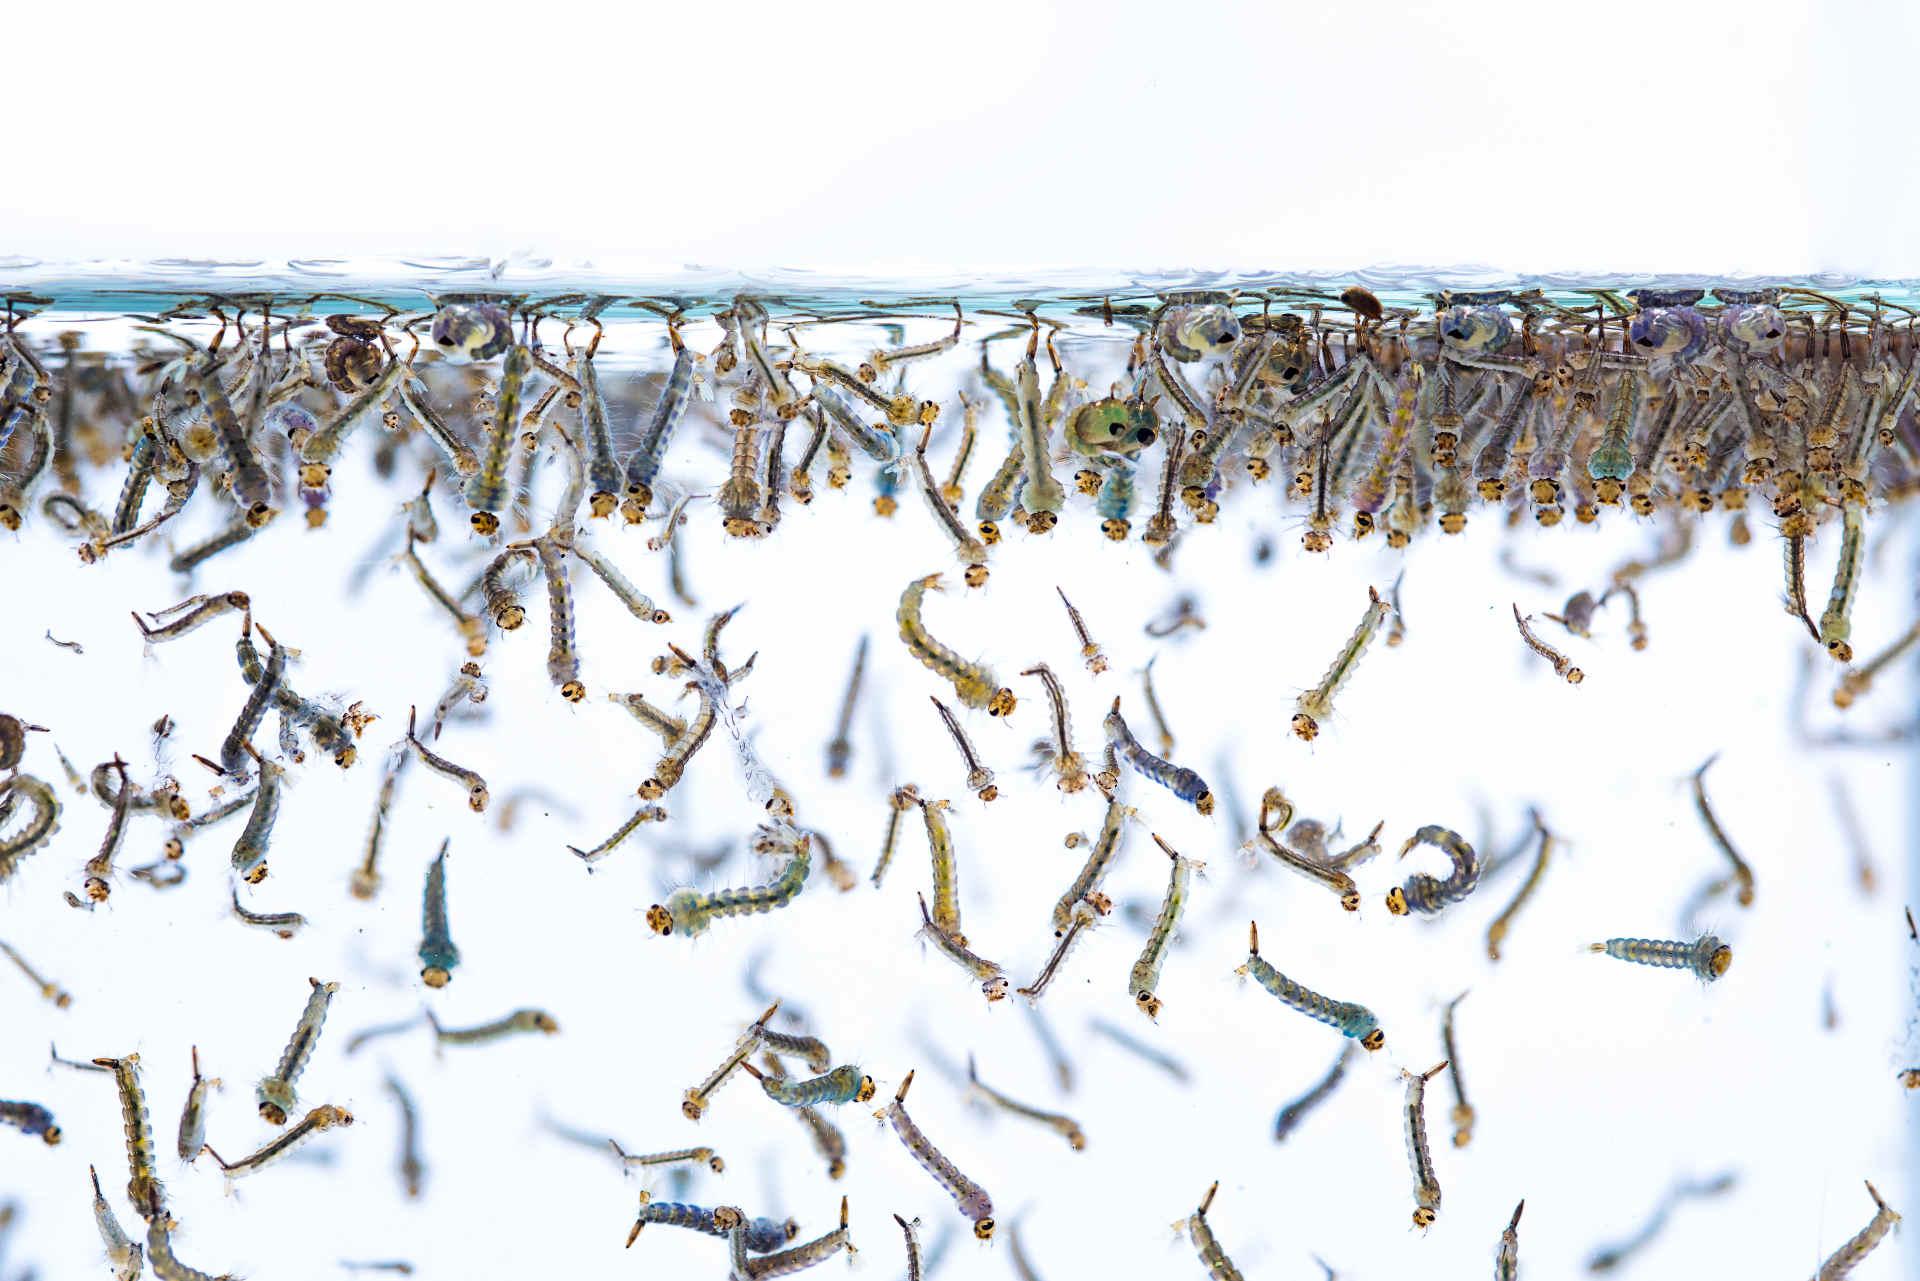 Stechmücken bekämpfen Larven